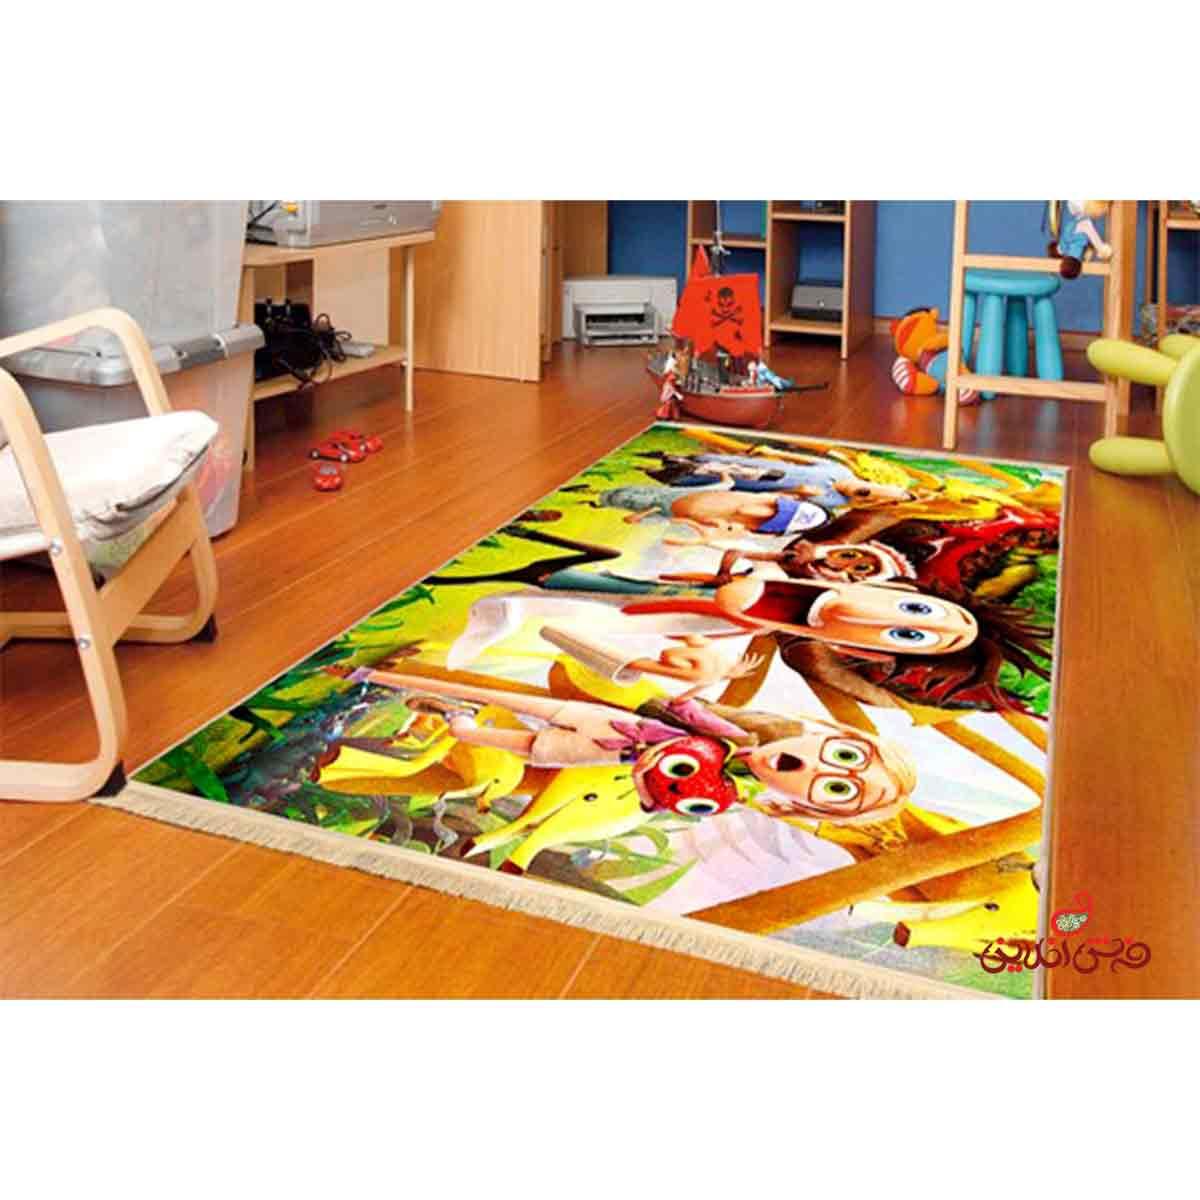 فرش ماشینی کودک کلاریس احتمال بارش کوفته قلقلی کد 100202